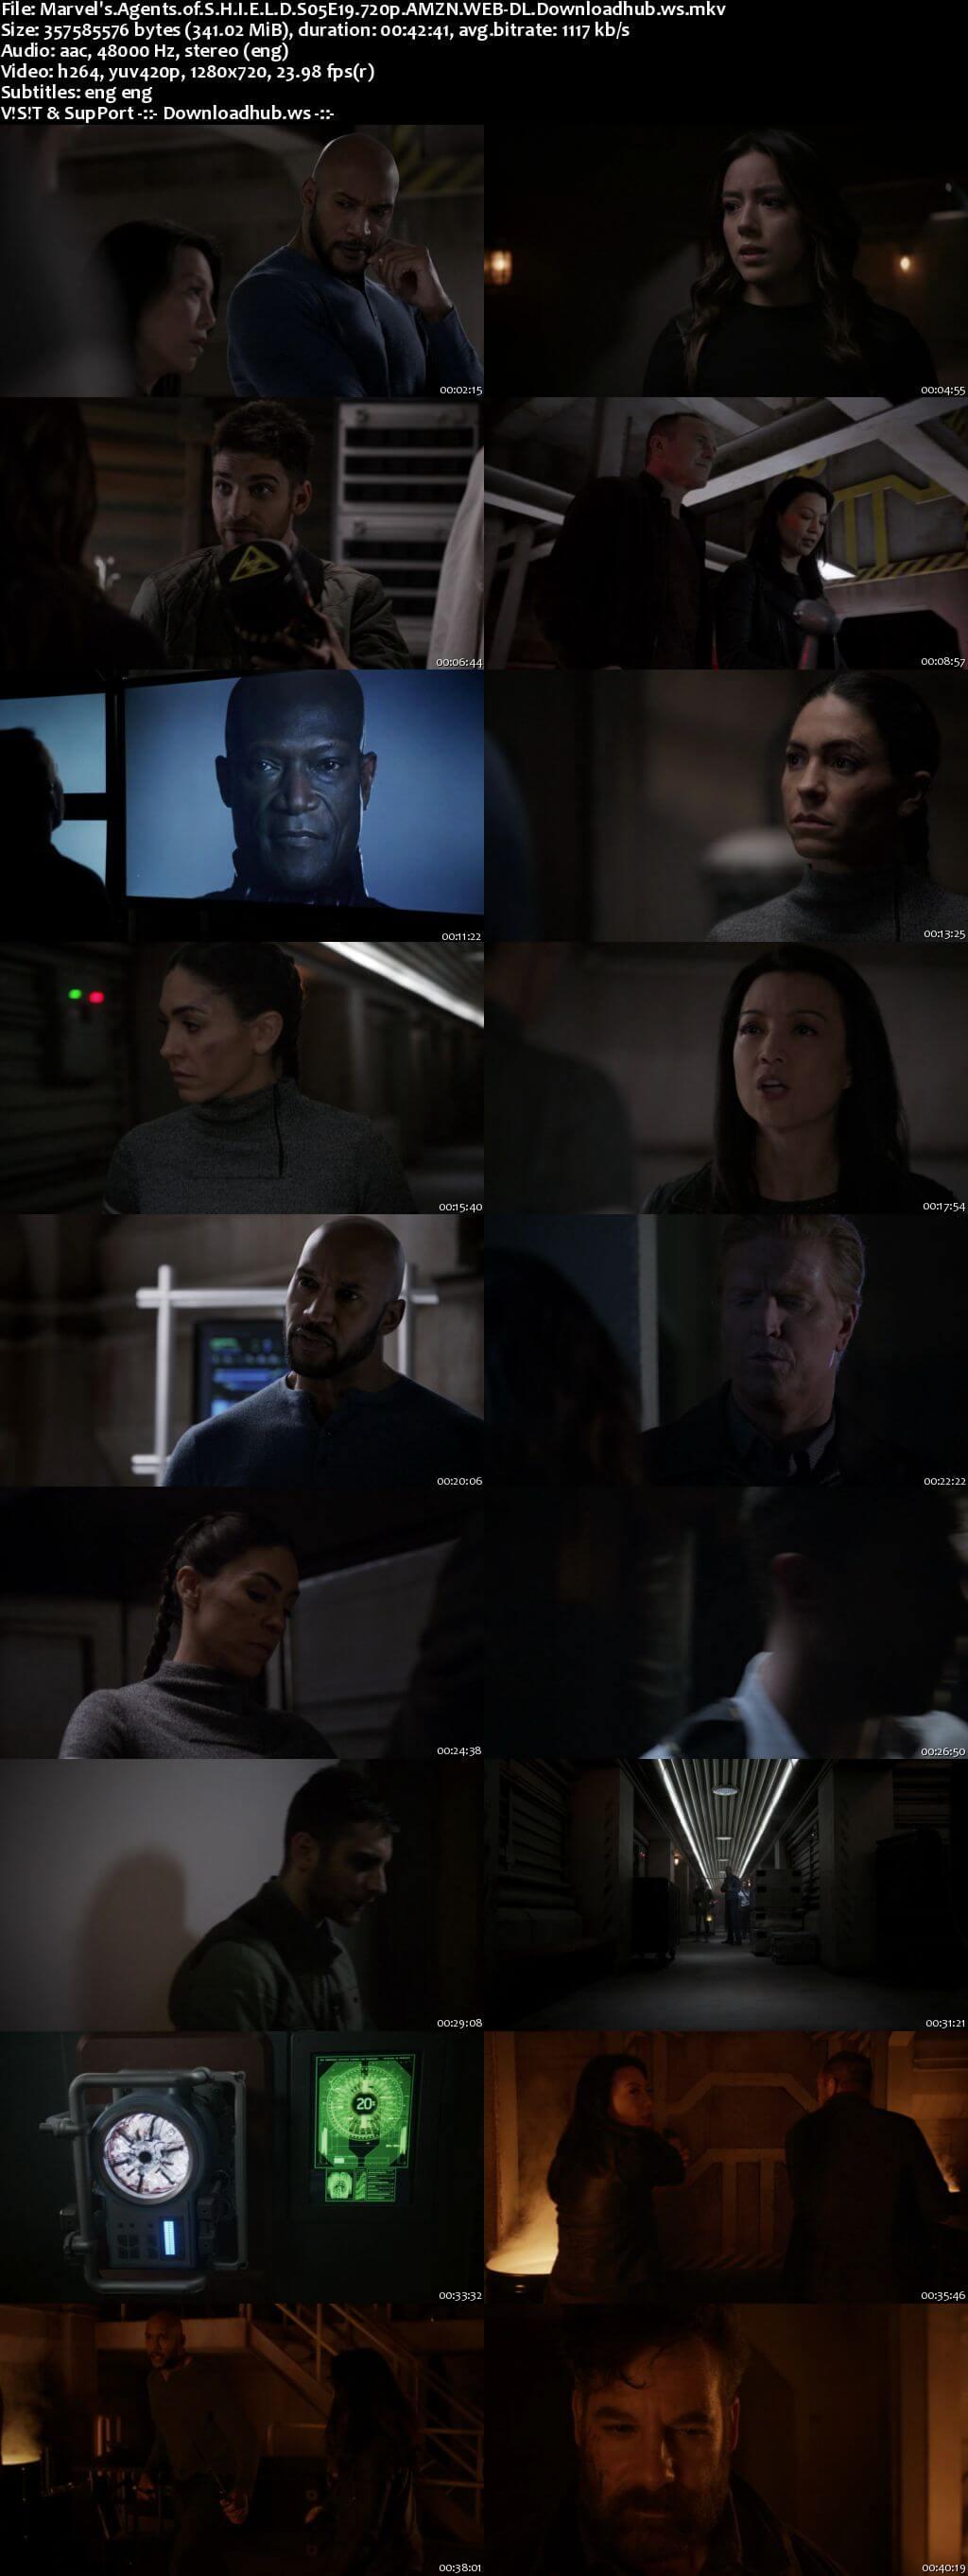 Marvels Agents of S.H.I.E.L.D S05E19 340MB Web-DL 720p x264 ESubs